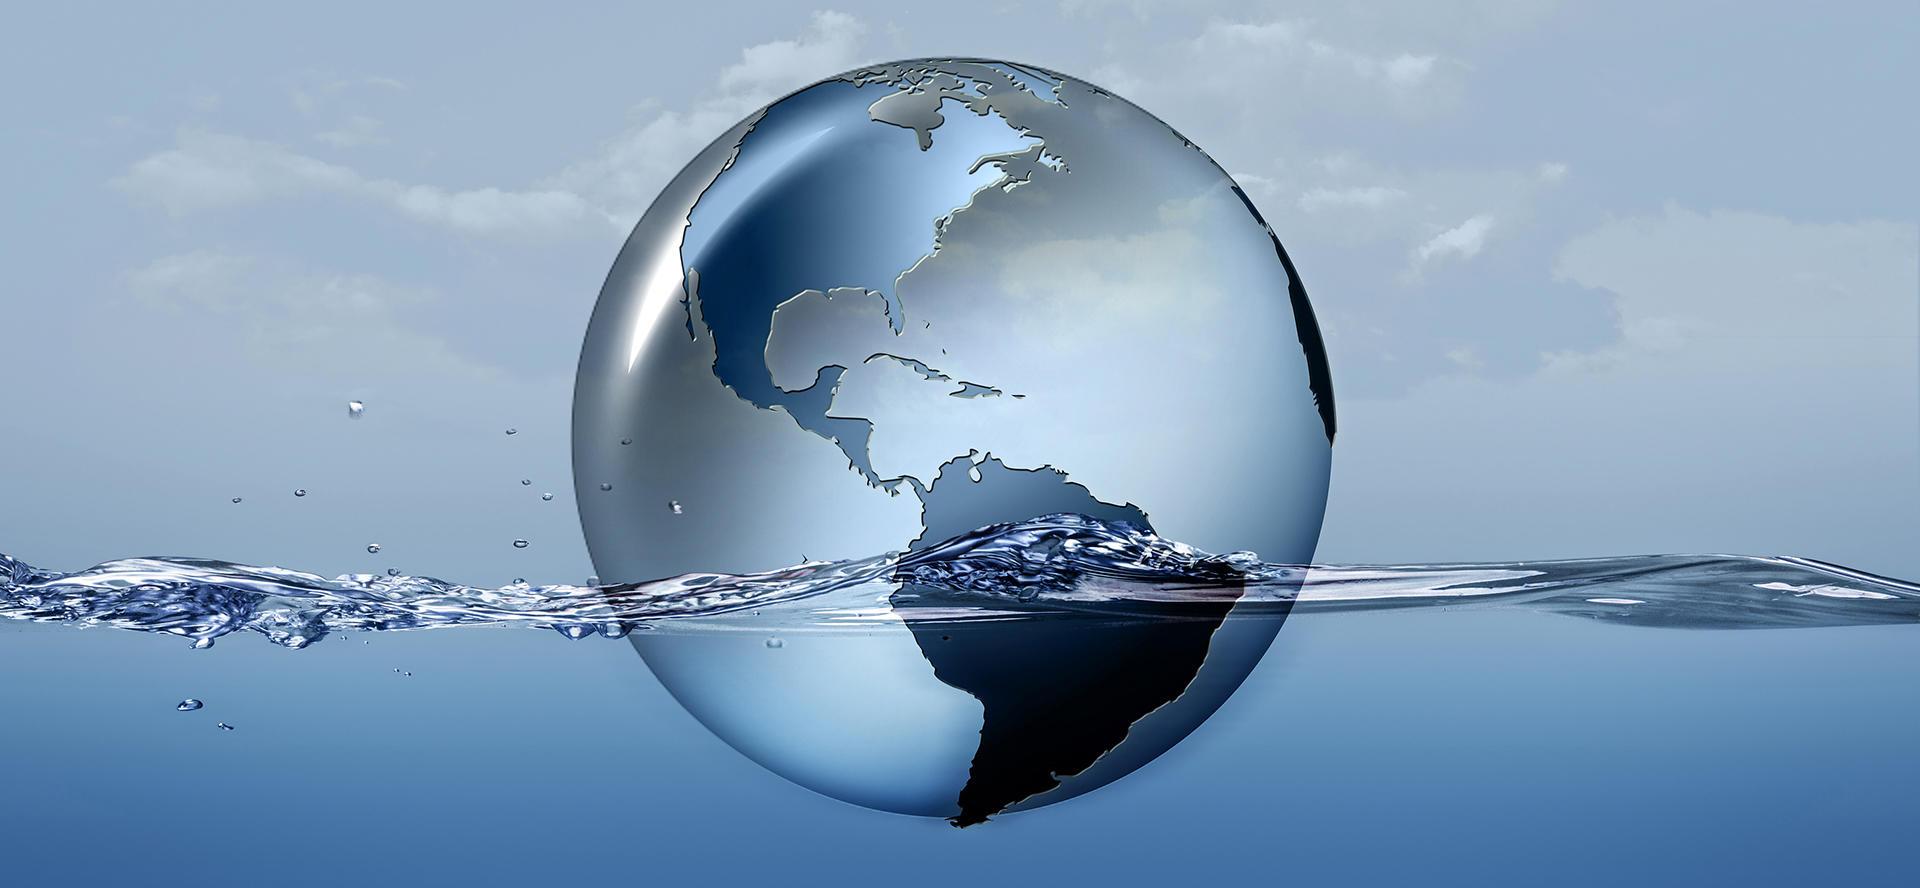 Insula sustainability